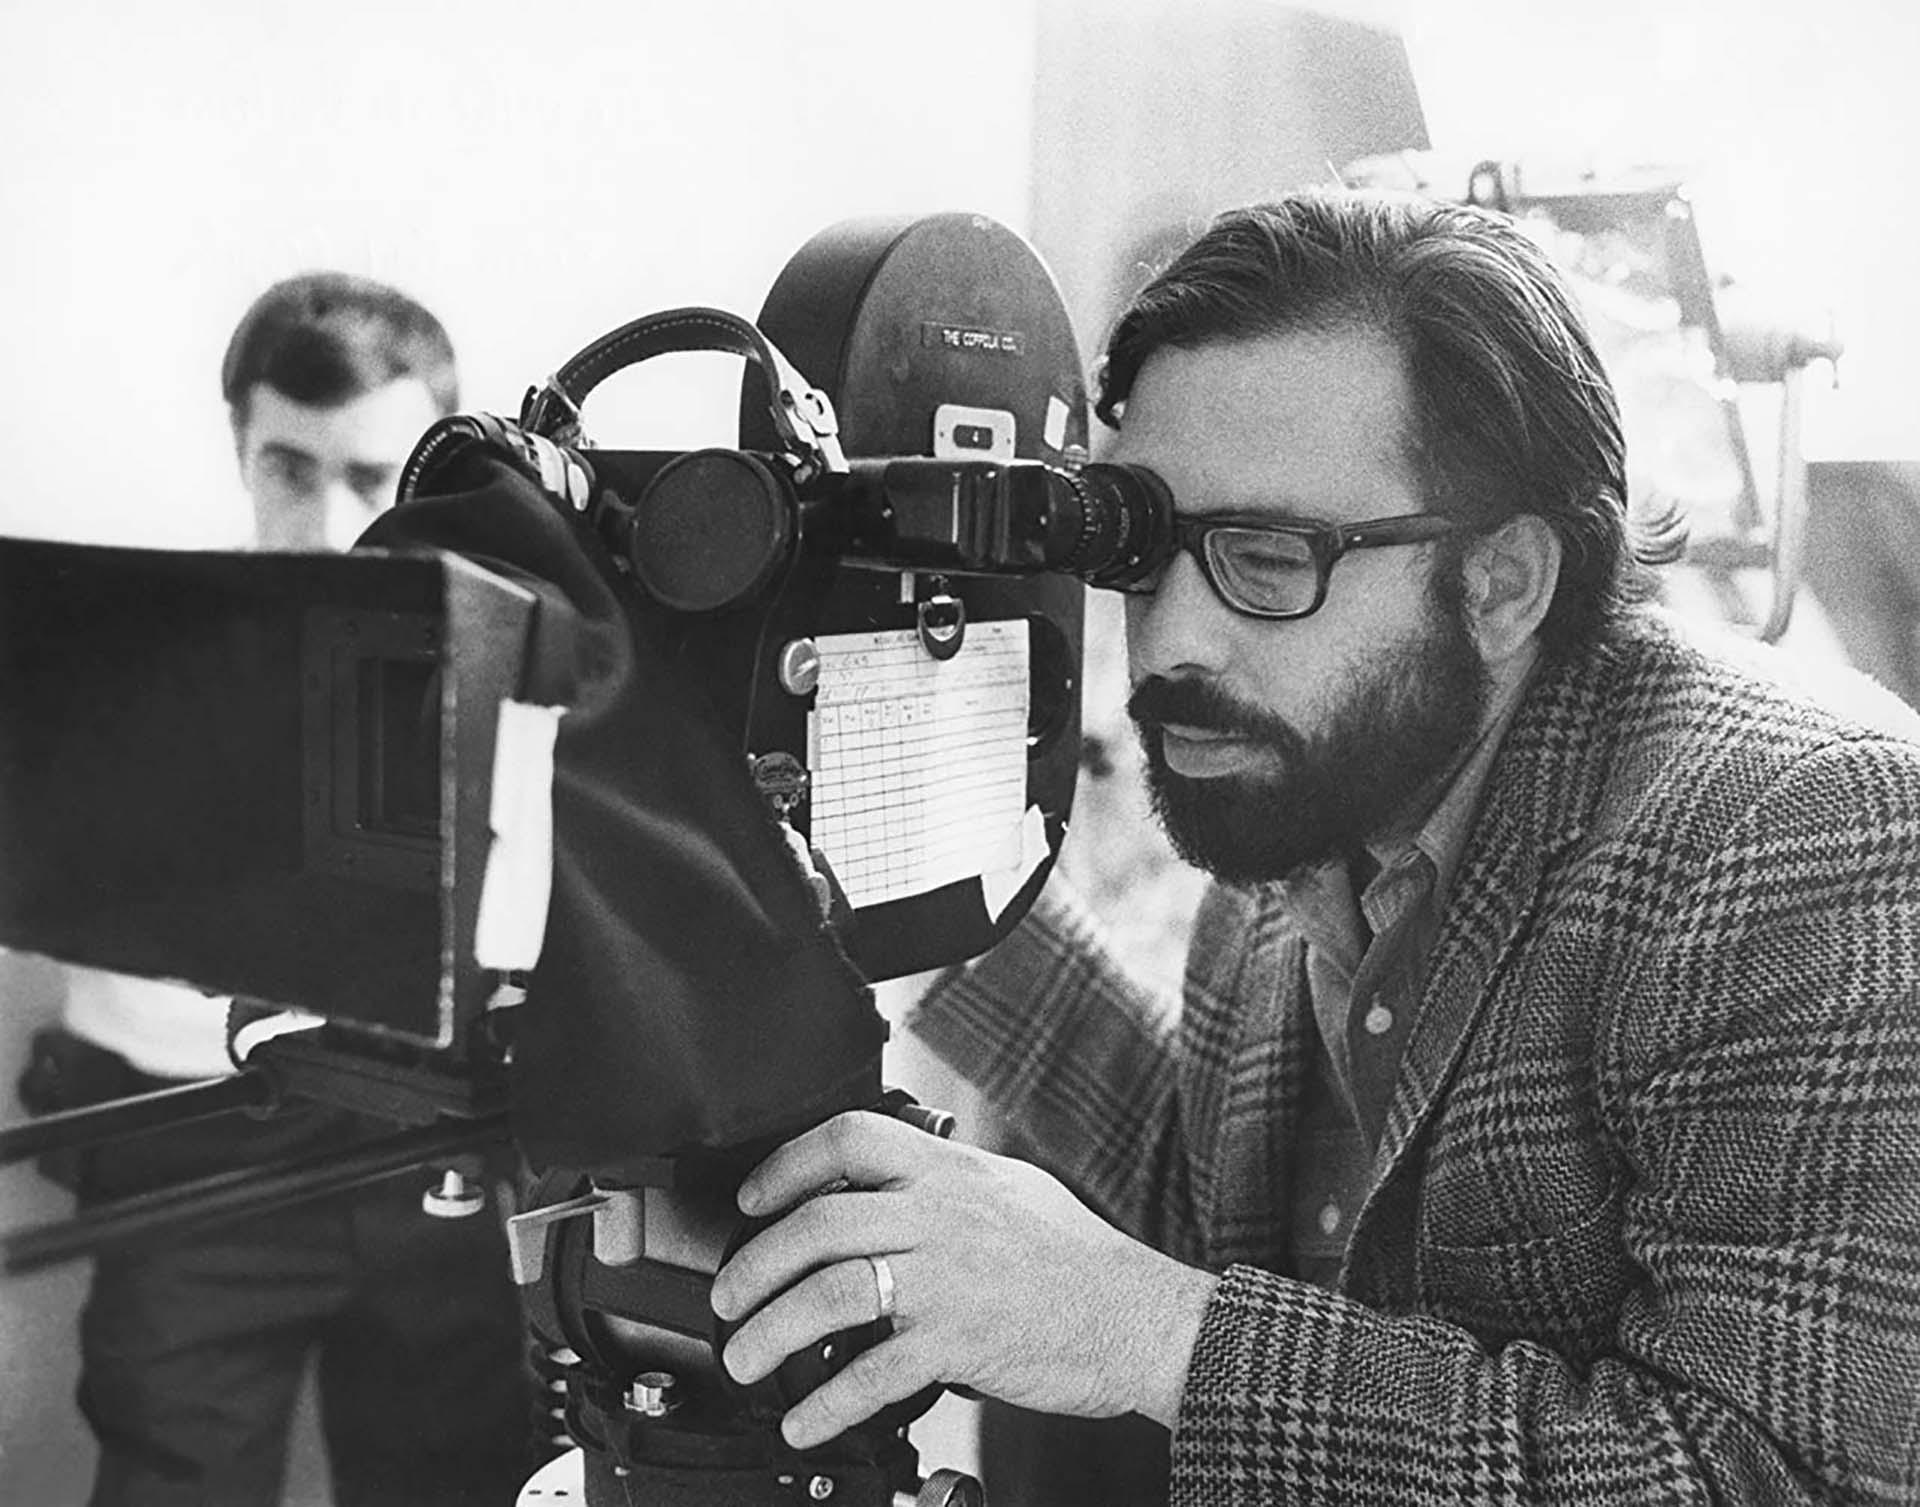 """Francis Ford Coppola en pleno rodaje de uno de sus primeros filmes """"Finian's Rainbow"""" (1968), que fue protagonizado porFred Astaire y Petula Clark"""